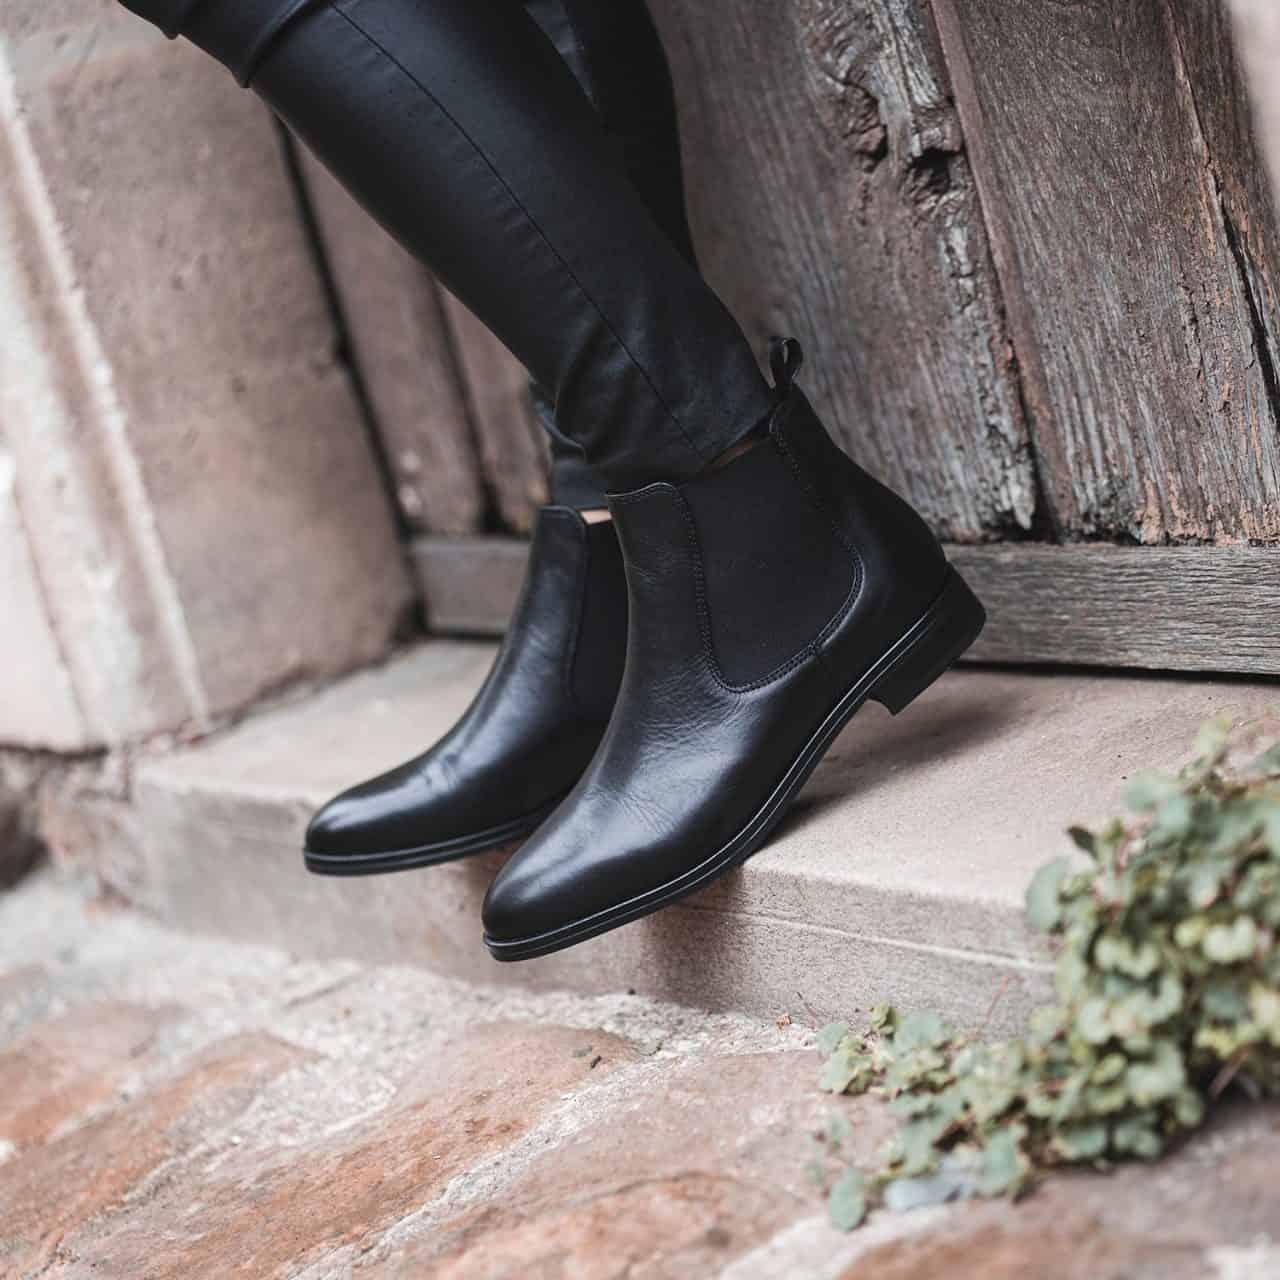 Chelsea Boots là đôi giày kinh điển khi kết hợp với quần tây áo sơ mi